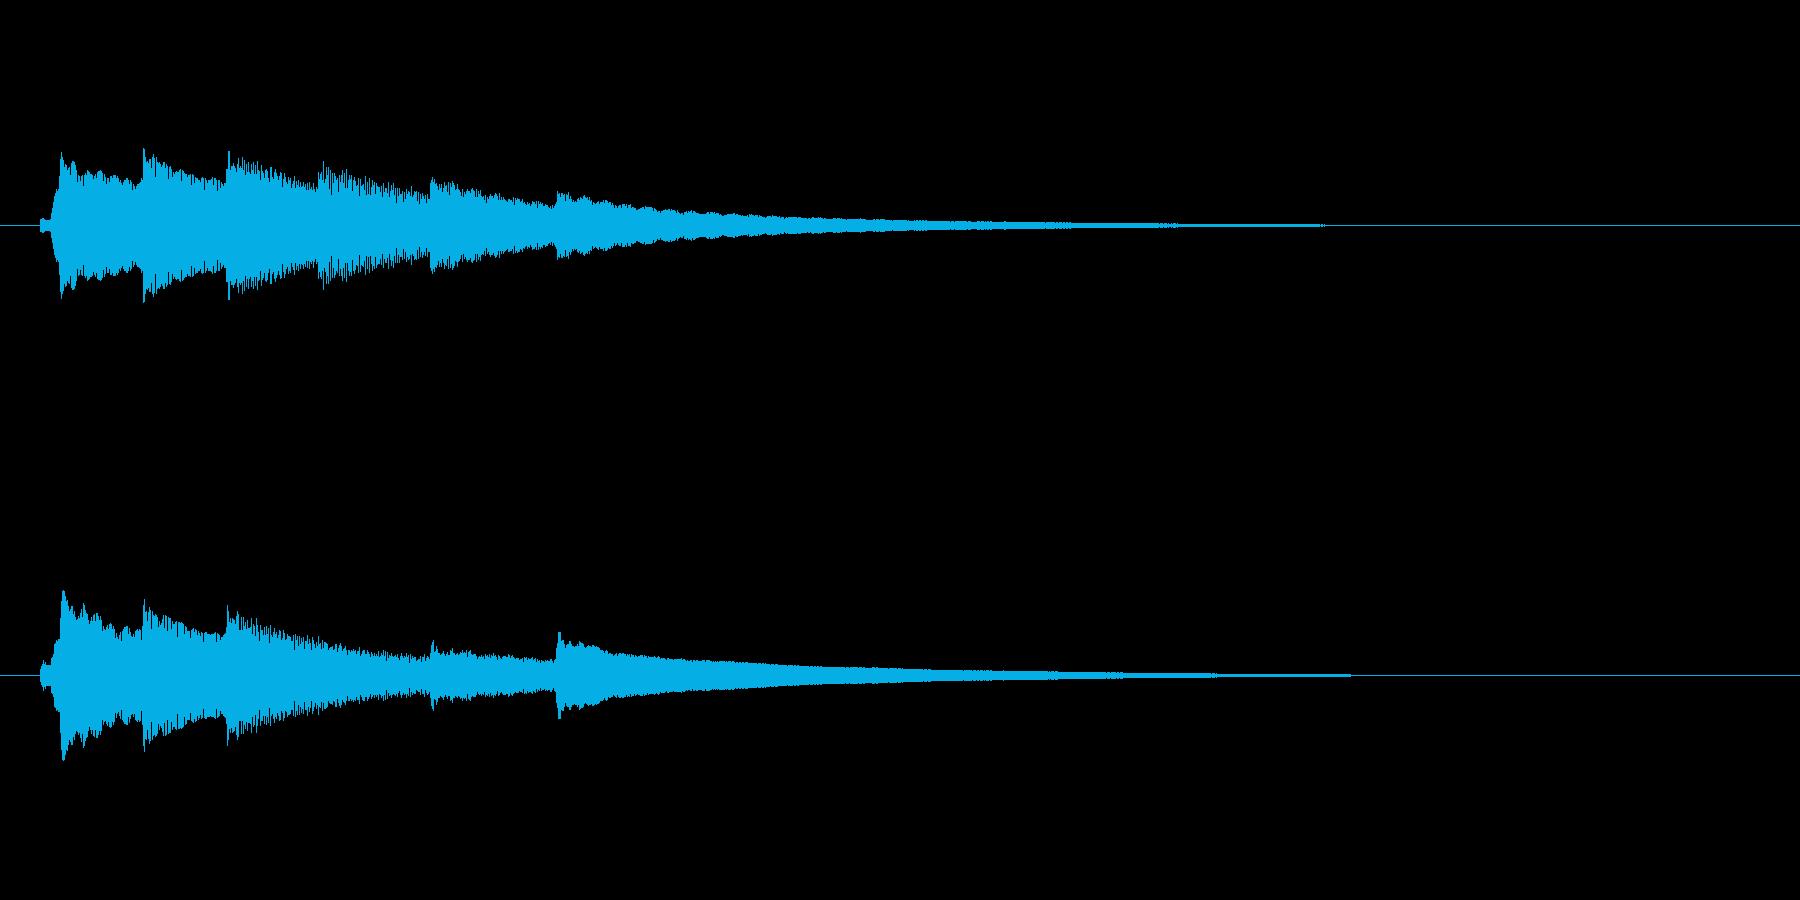 オルゴールのアイキャッチ(明るい)の再生済みの波形